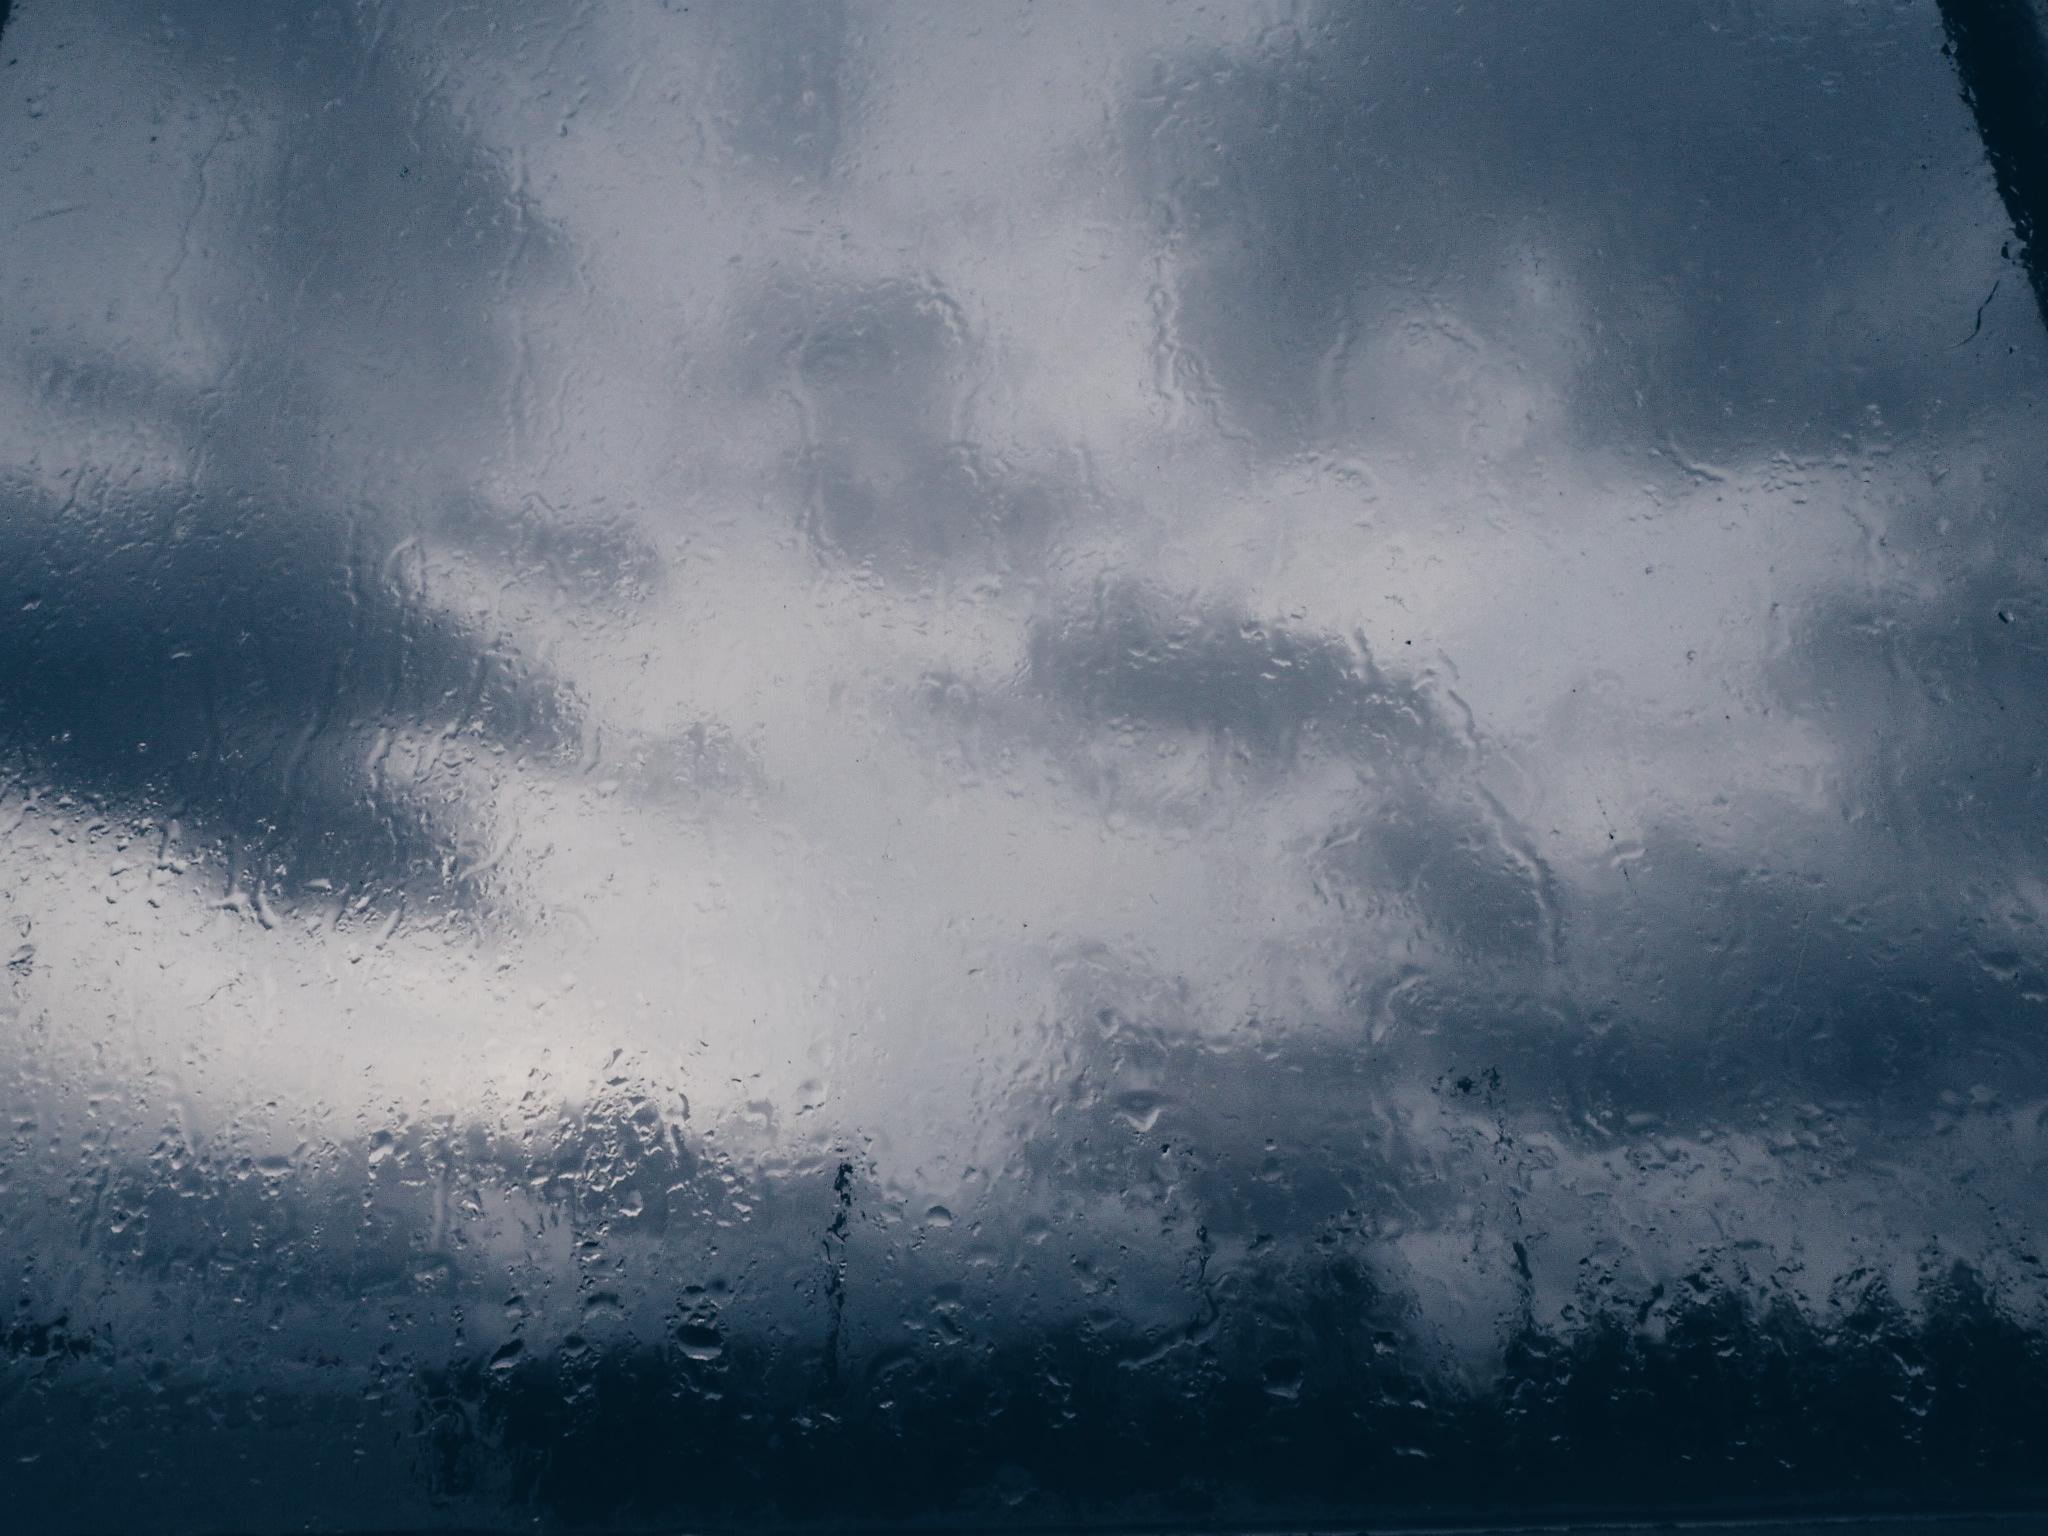 Grey rain on a window